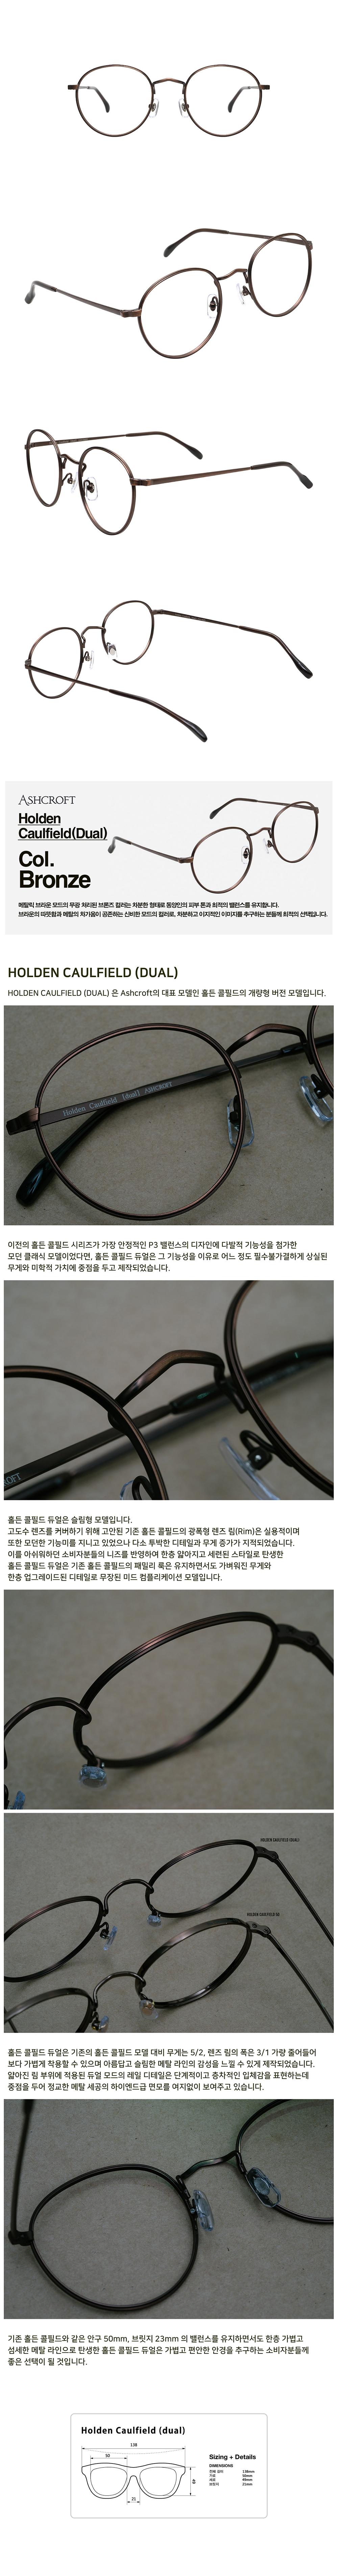 Holden Caulfield (dual) - Bronze - 애쉬크로프트, 110,000원, 안경/선글라스, 안경